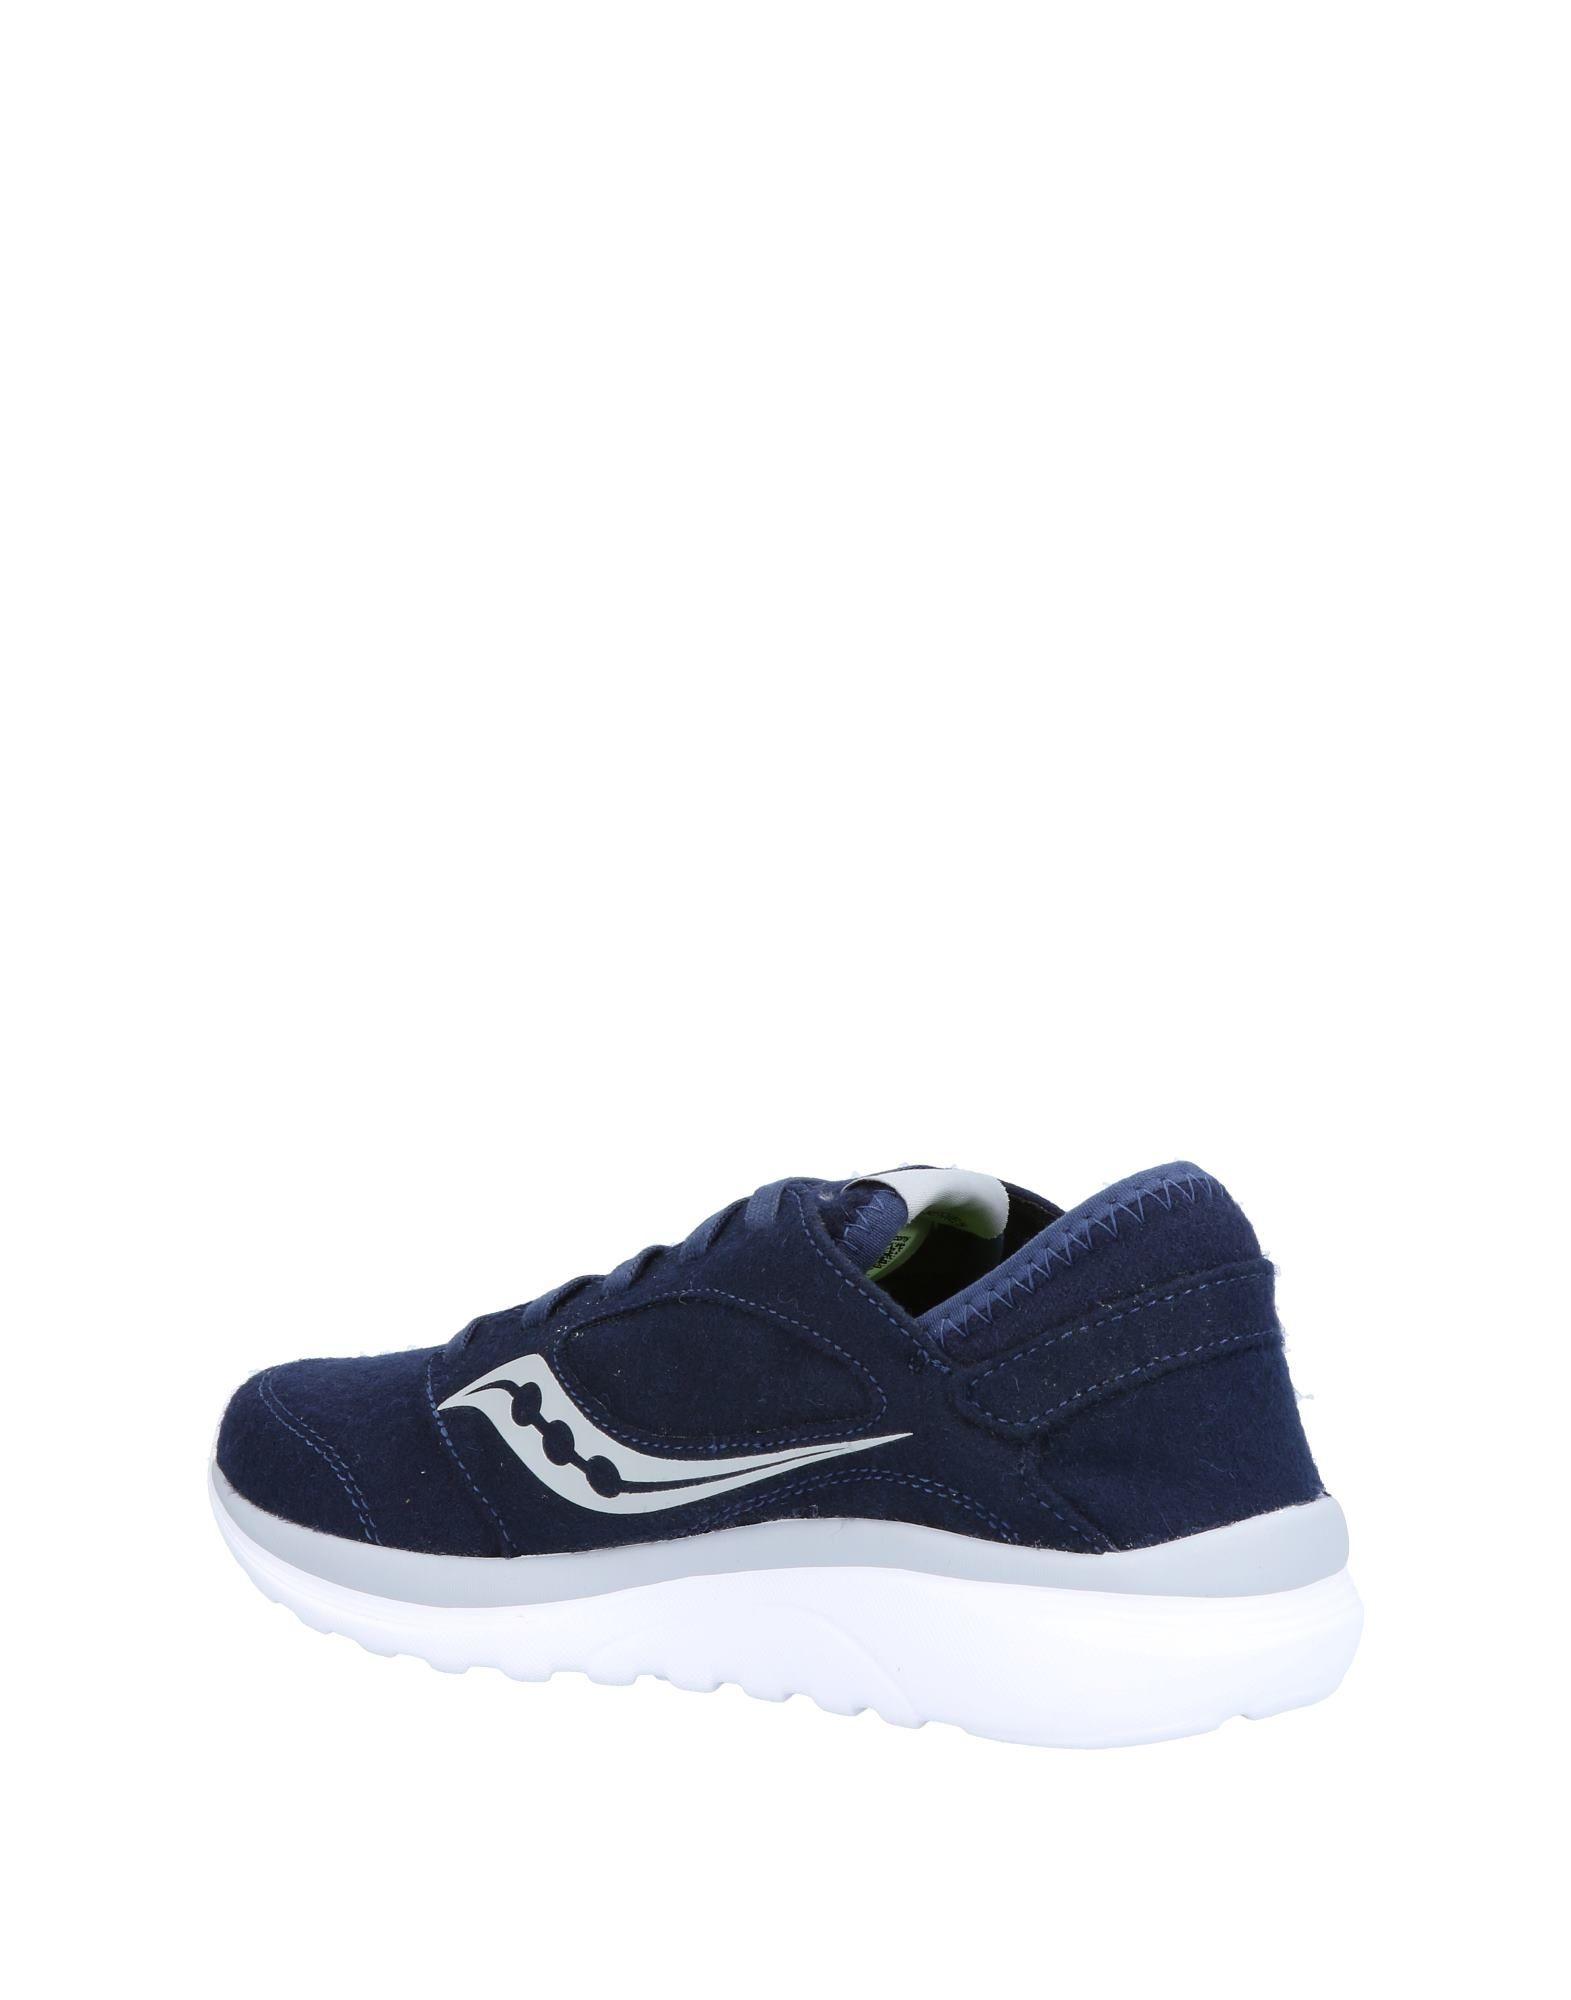 Scarpe economiche e resistenti Sneakers Saucony Uomo - 11421905AX